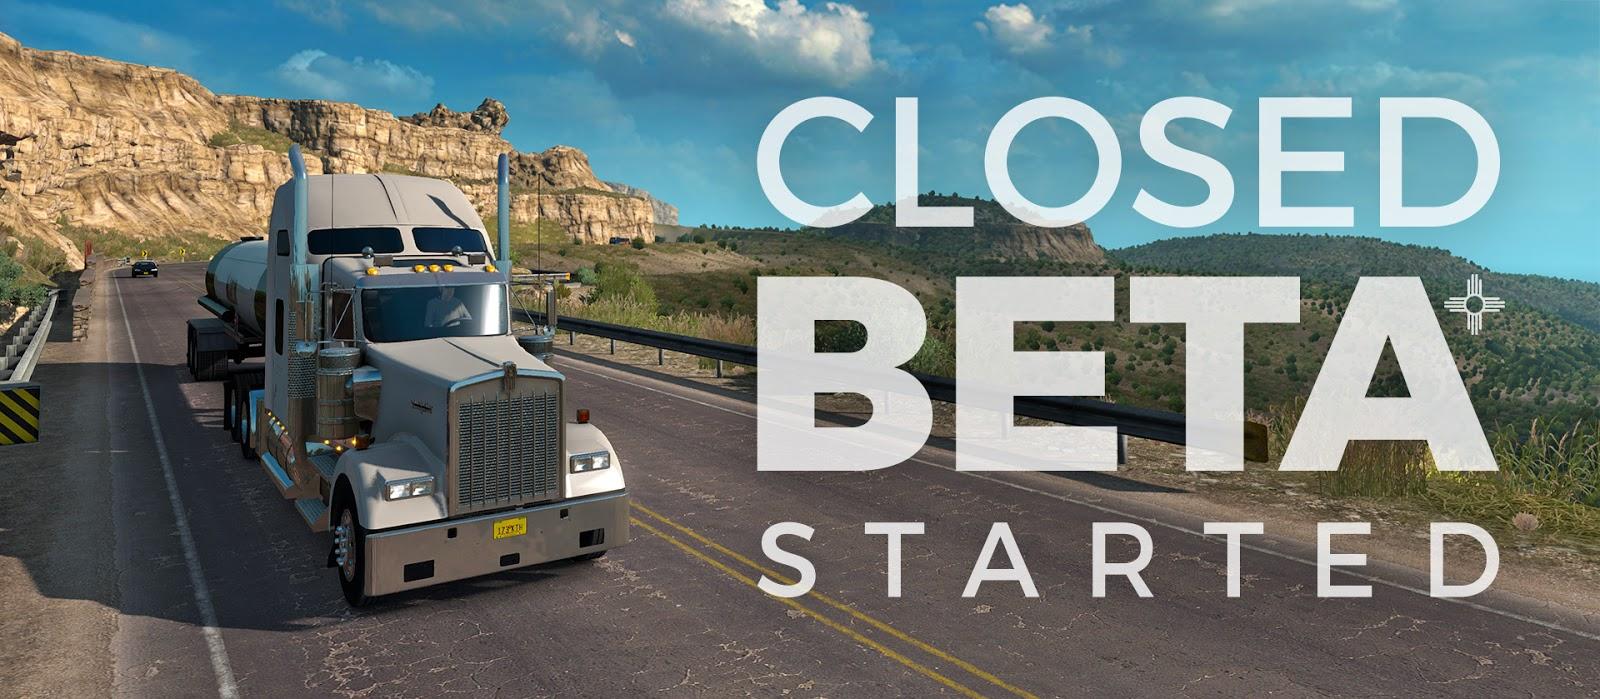 Closed Beta New Mexico ATS